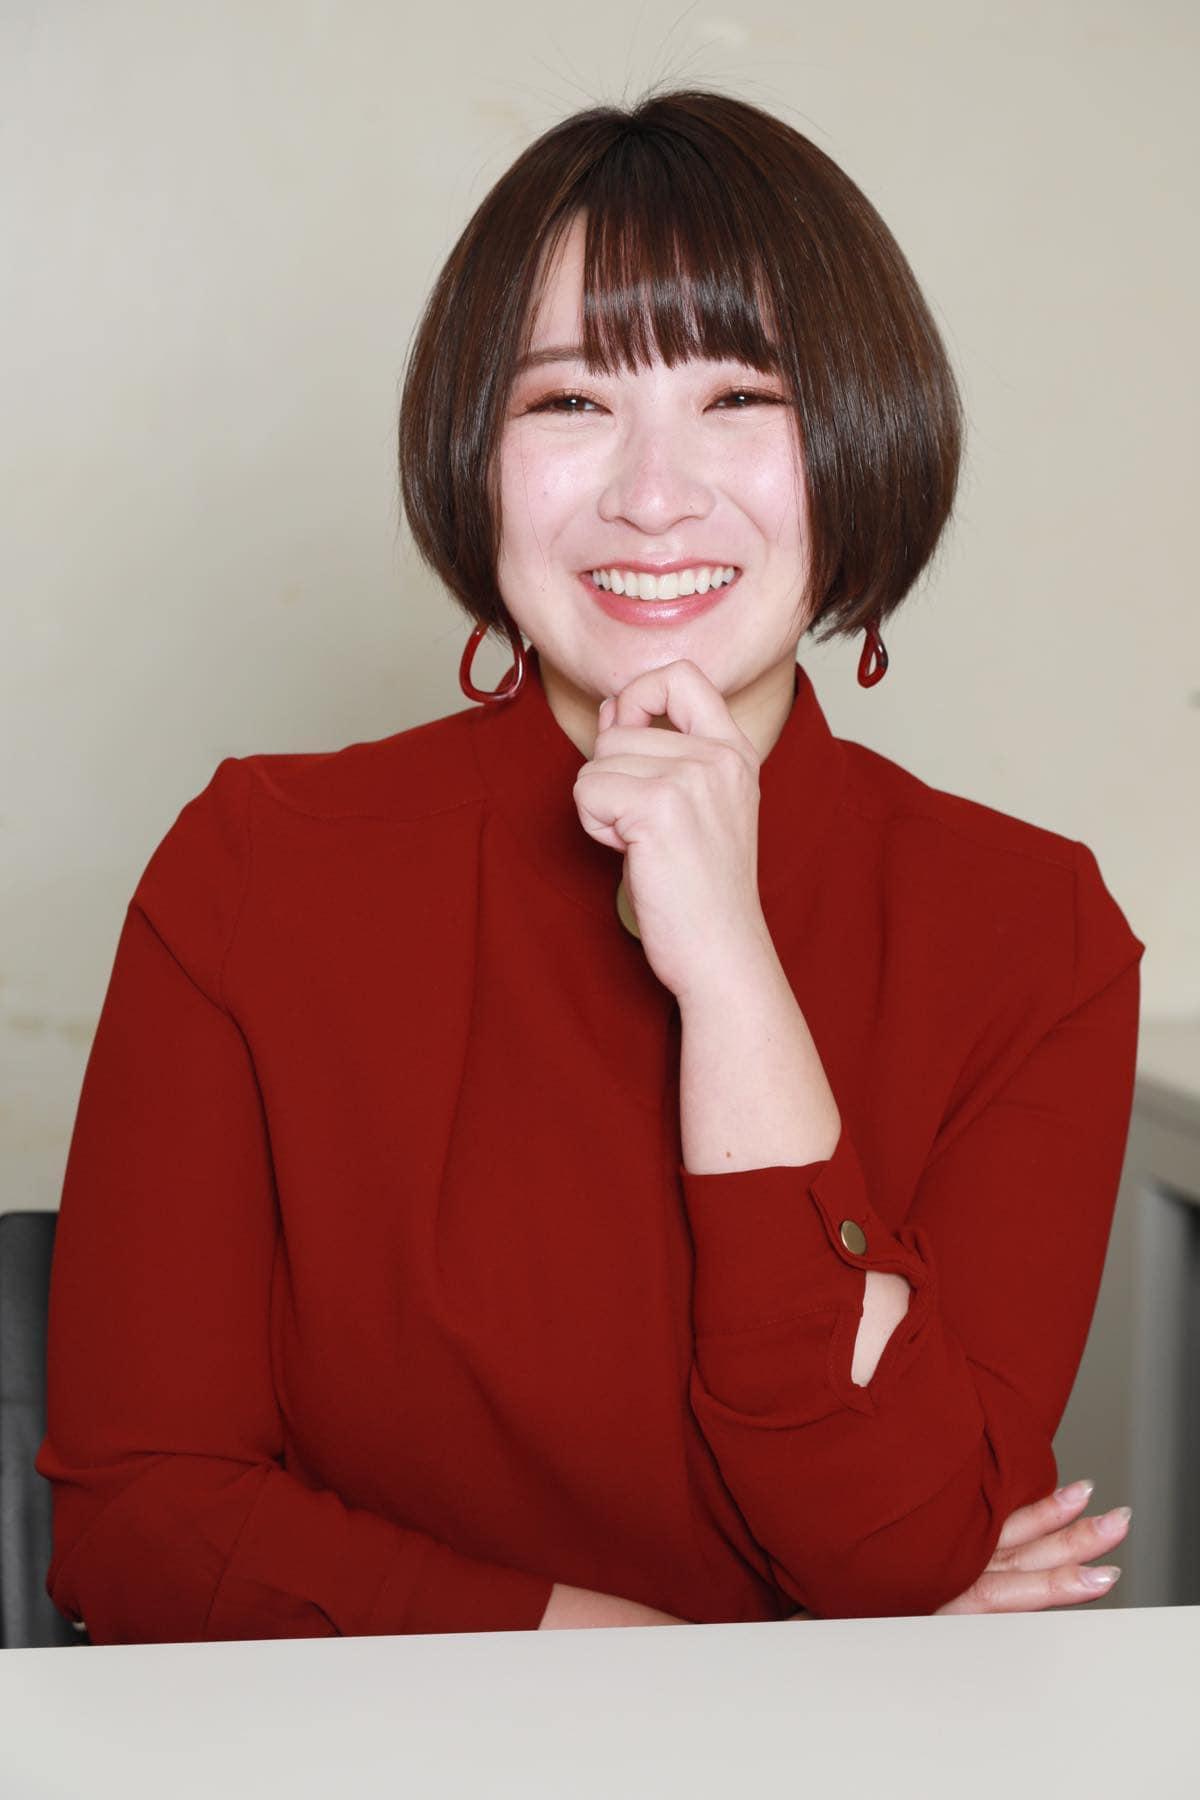 「105cmバスト」紺野栞の画像11